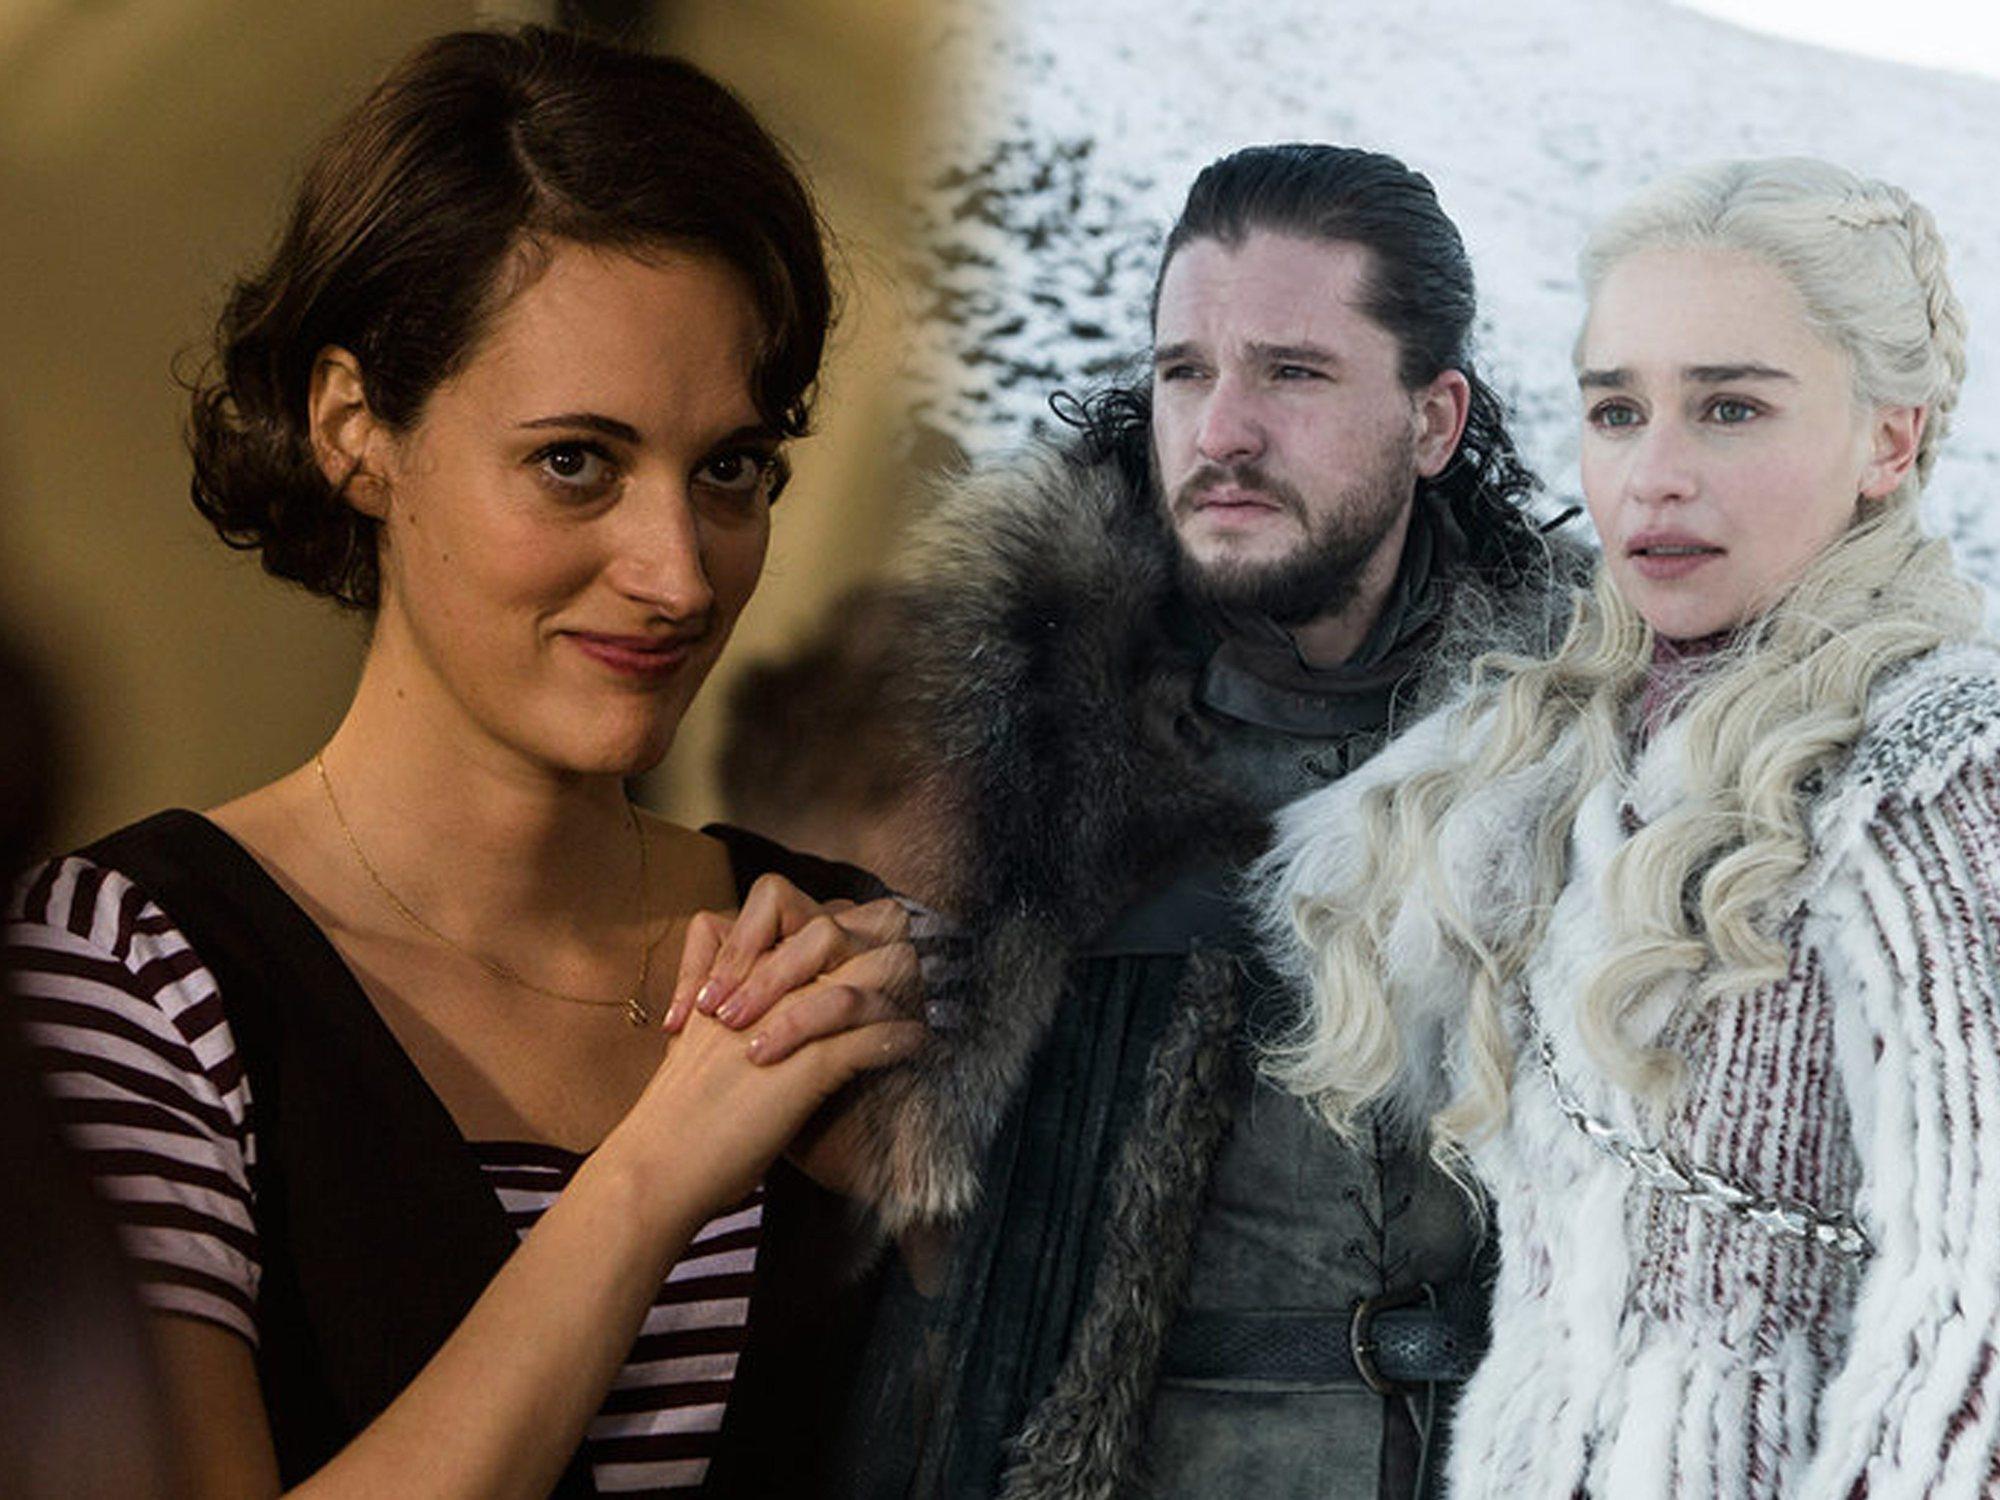 La quiniela de los Premios Emmy 2019: ¿Quiénes son los favoritos?